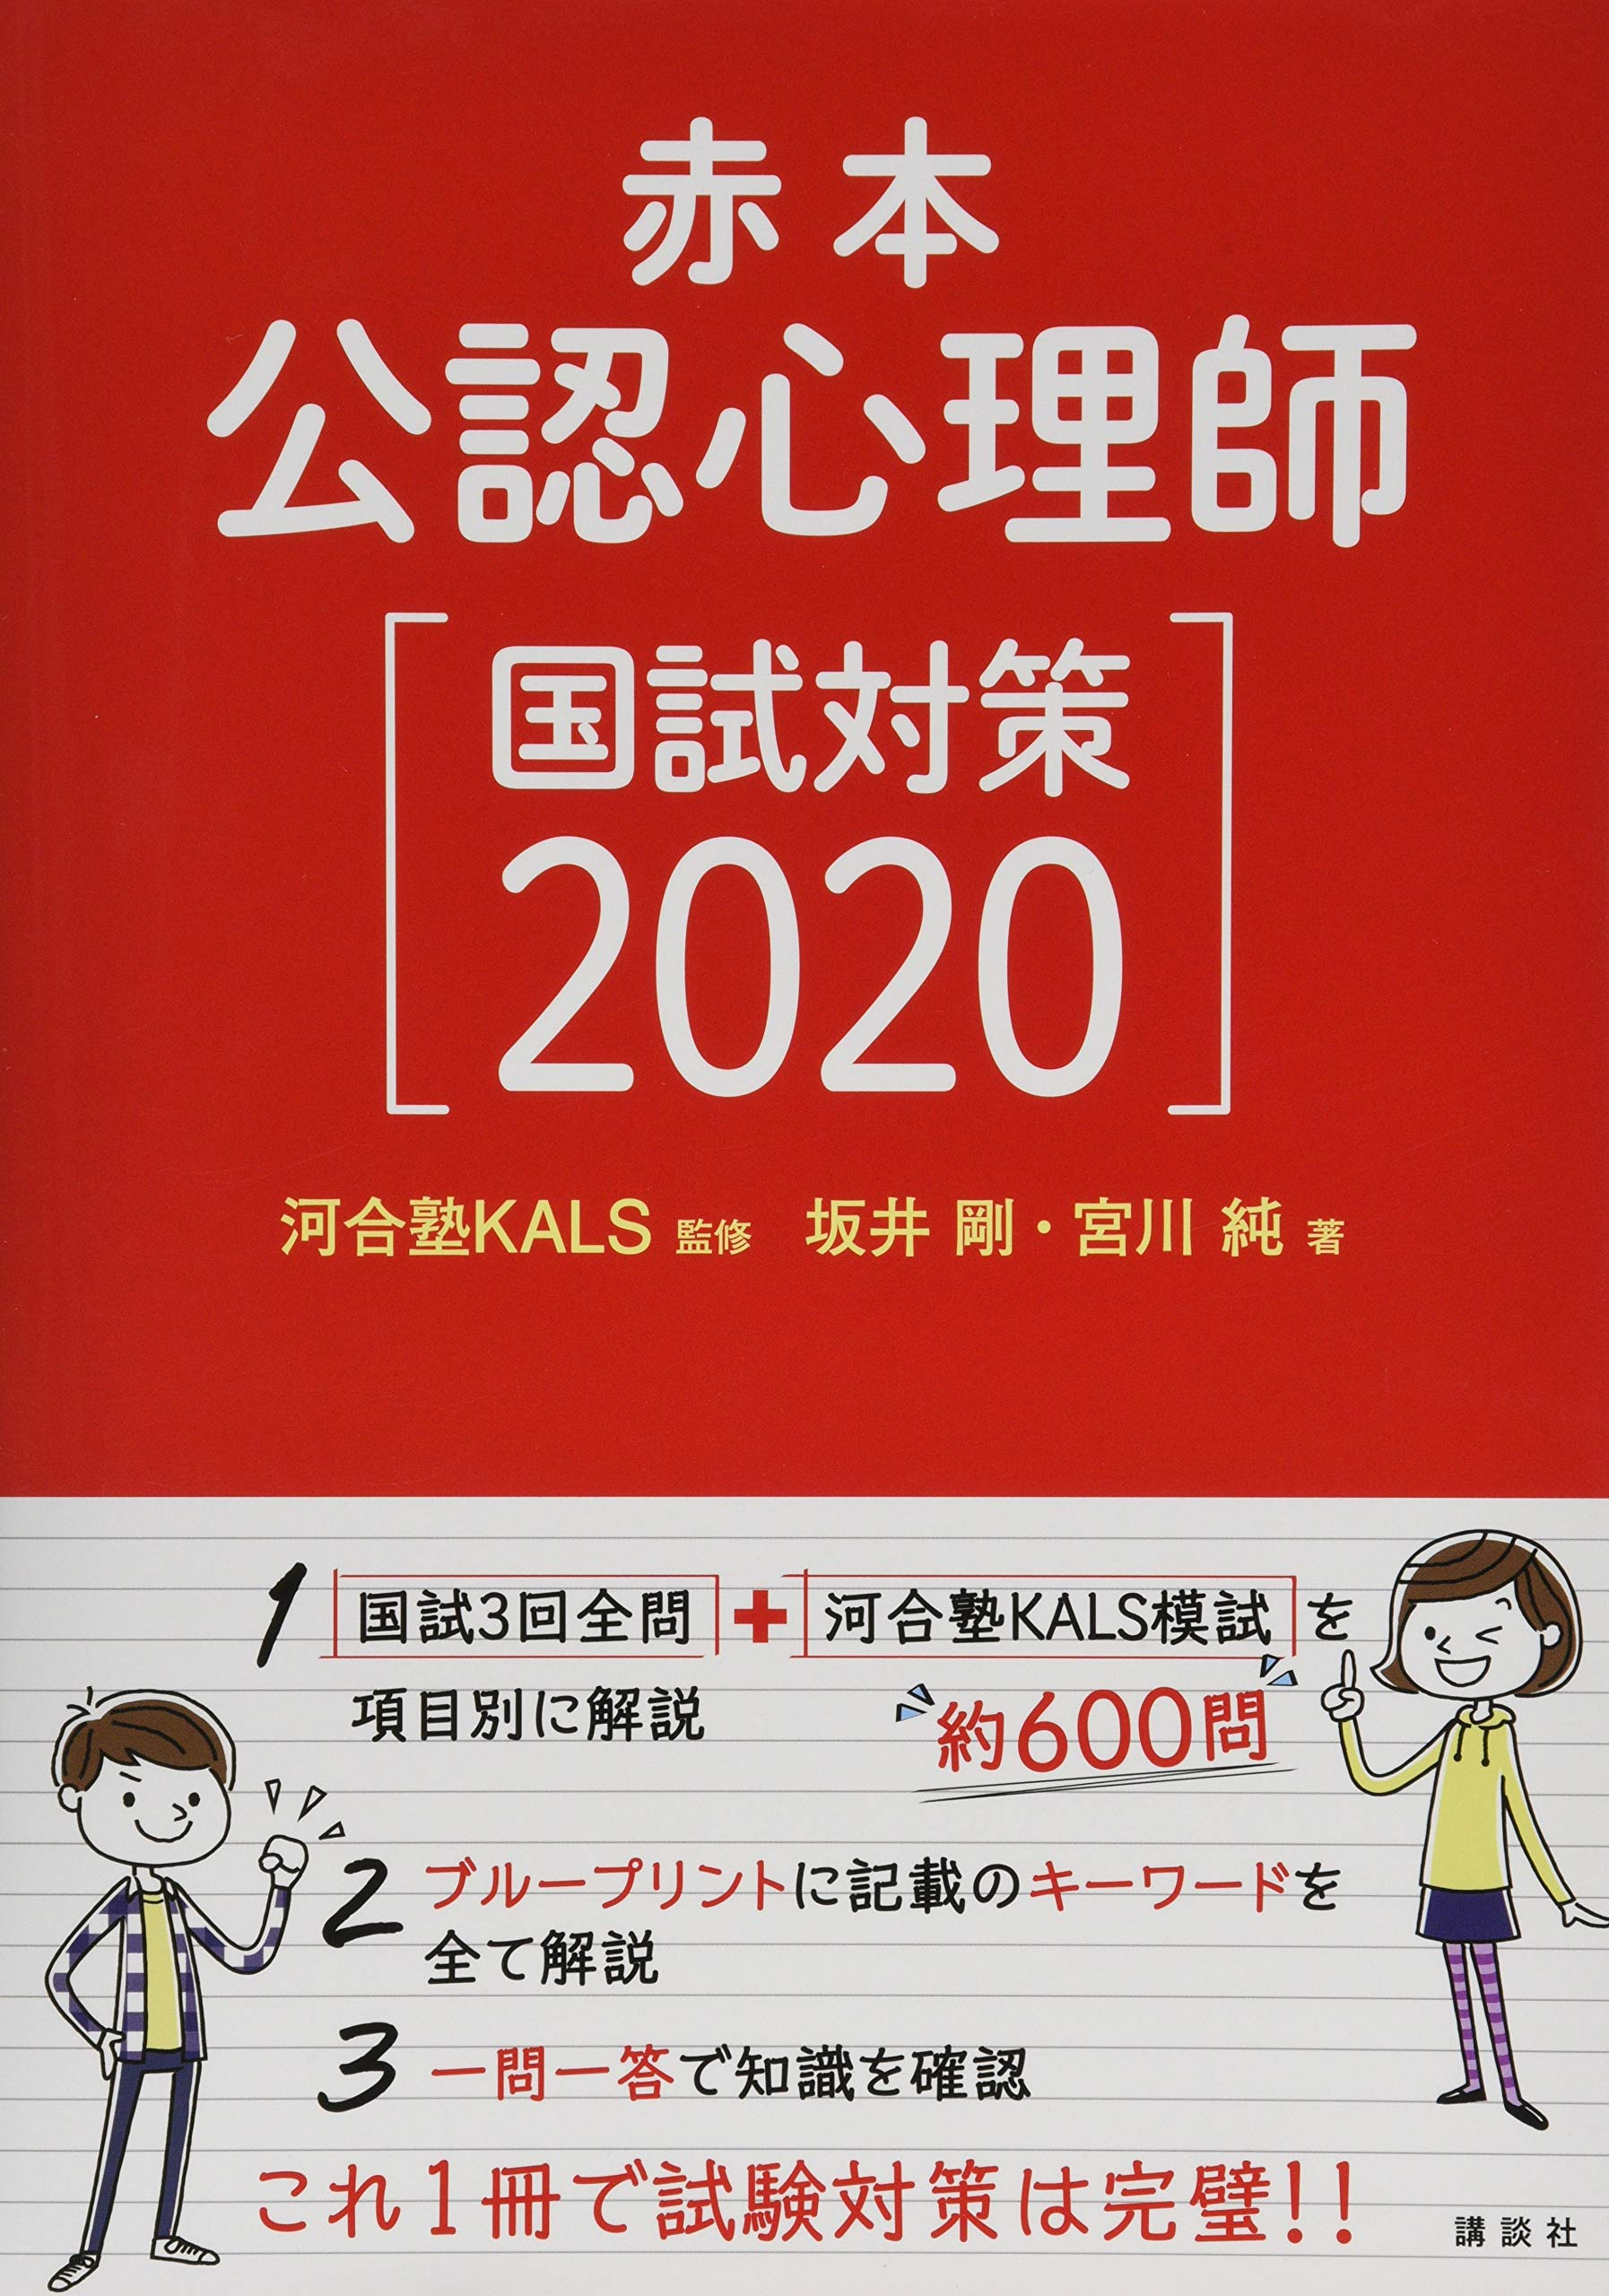 2020 師 試験 公認 心理